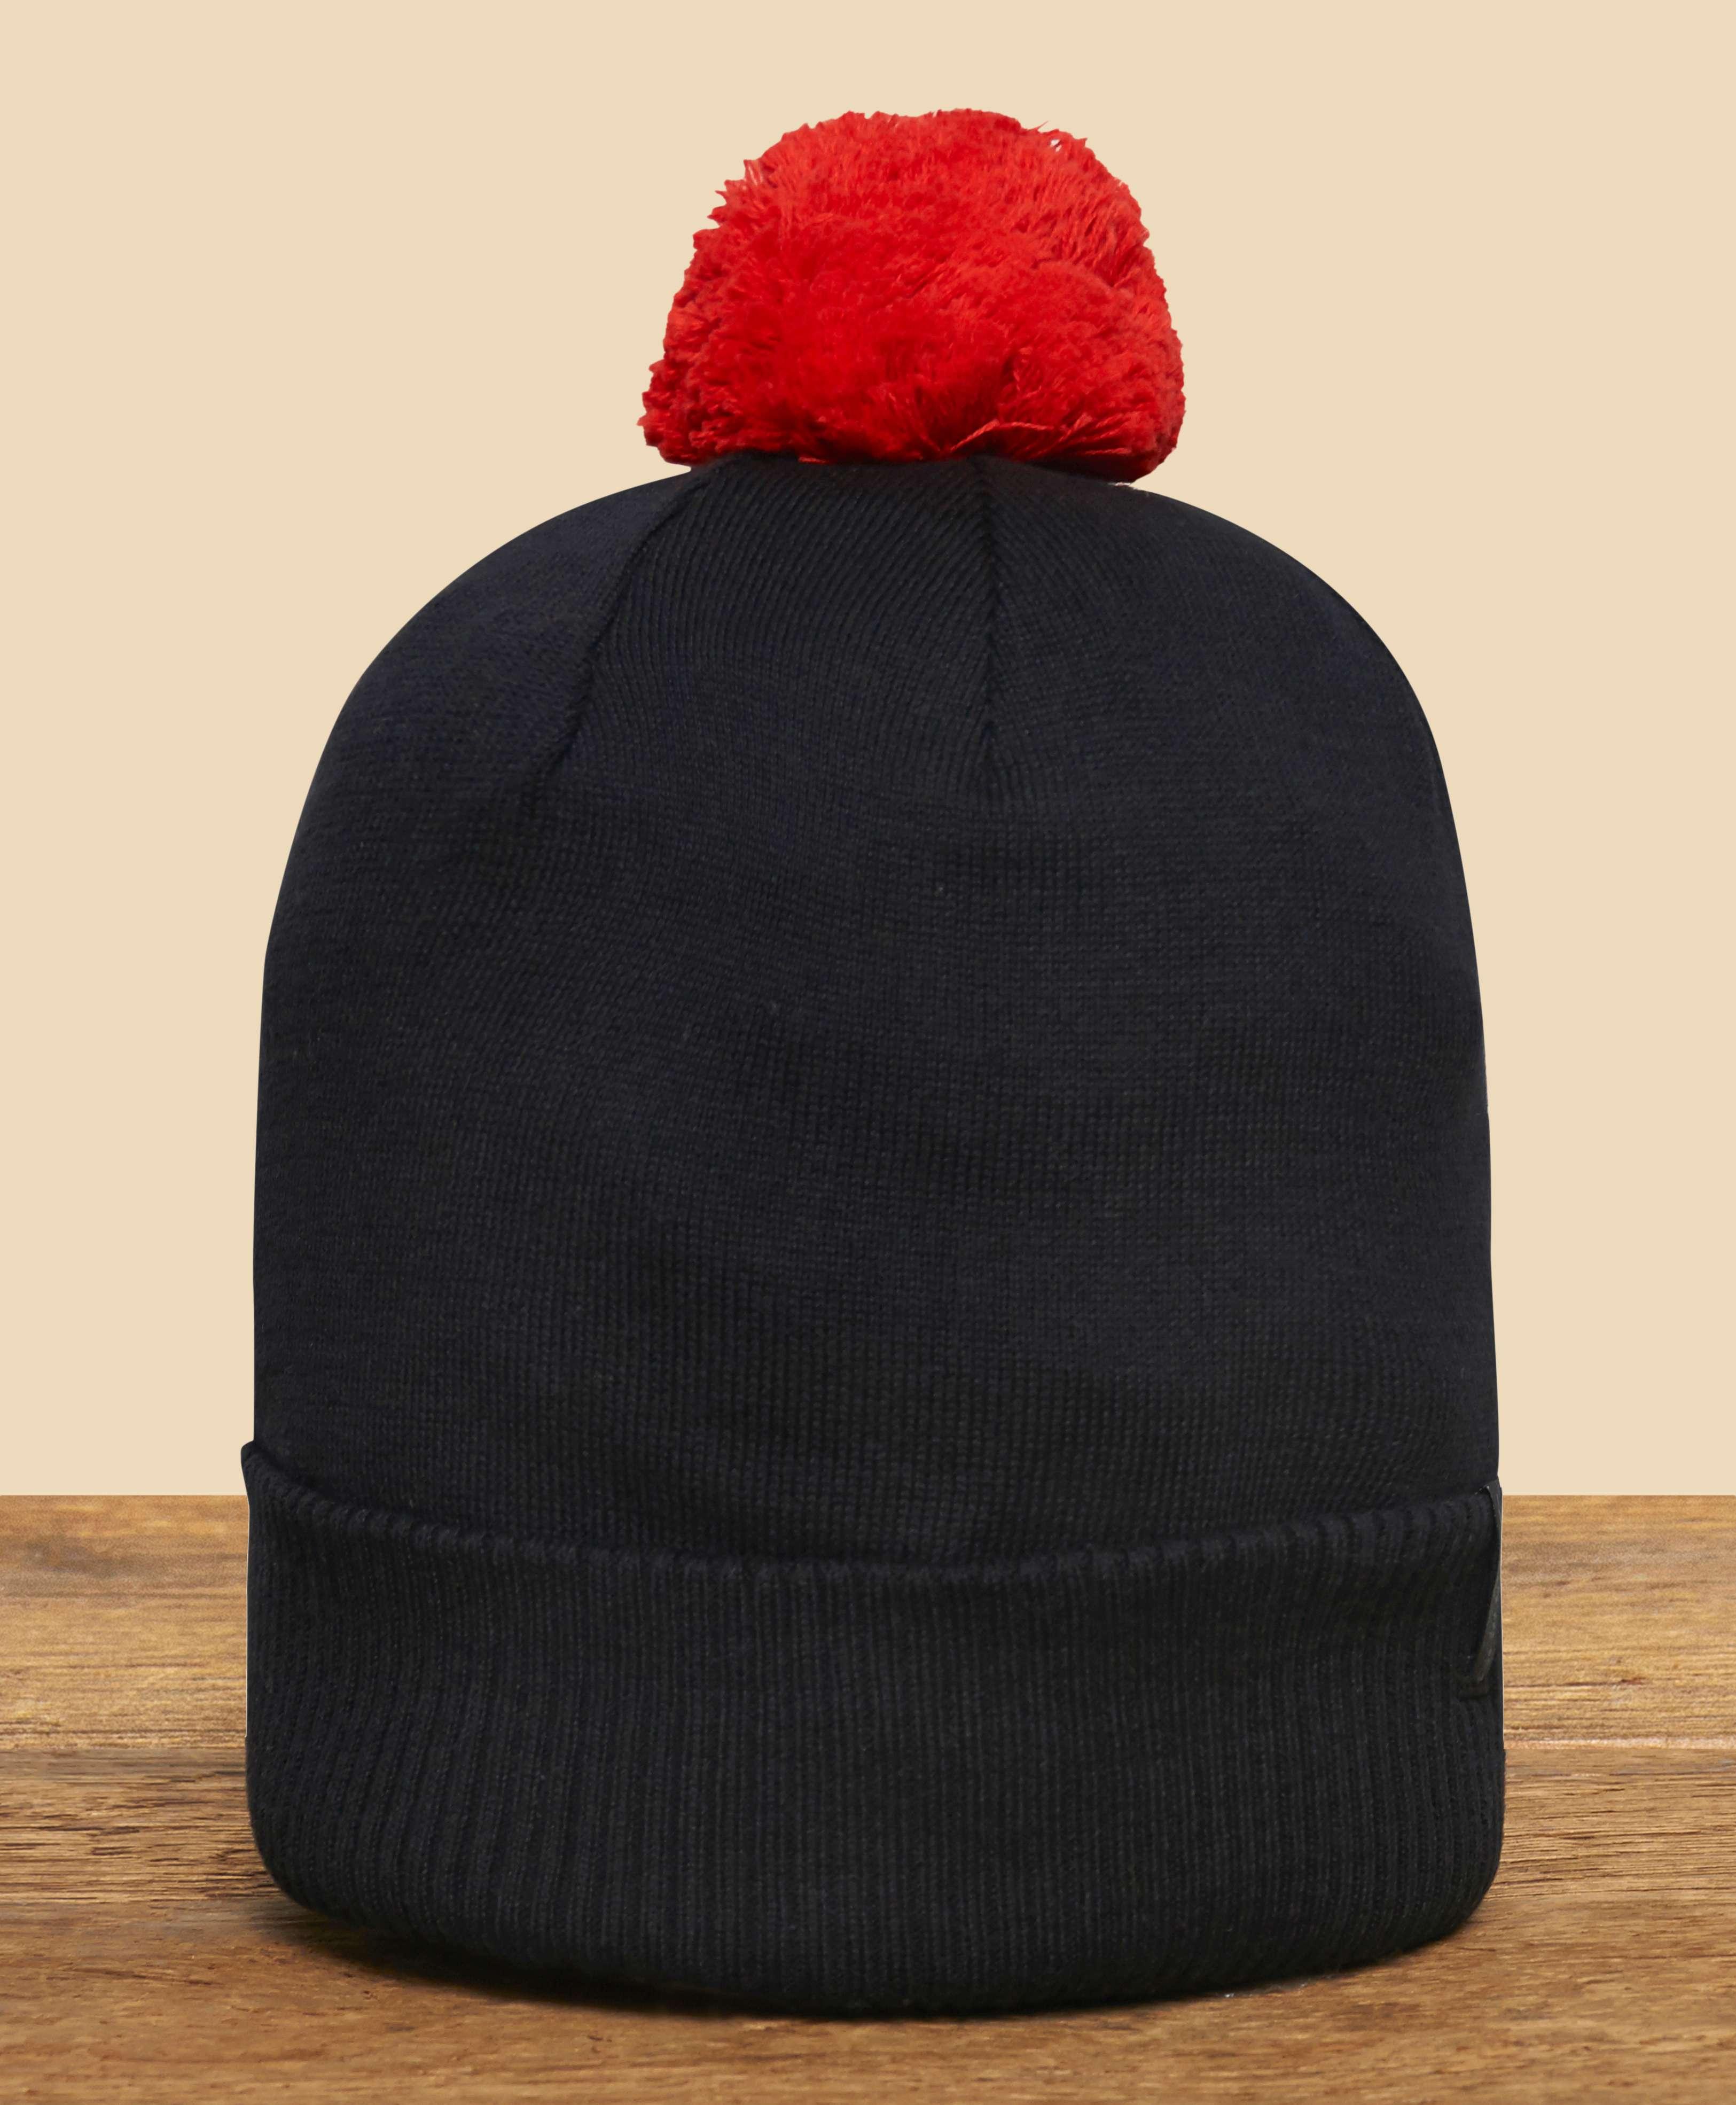 58b7ffd24ce adidas Originals Pom Pom Bobble Hat